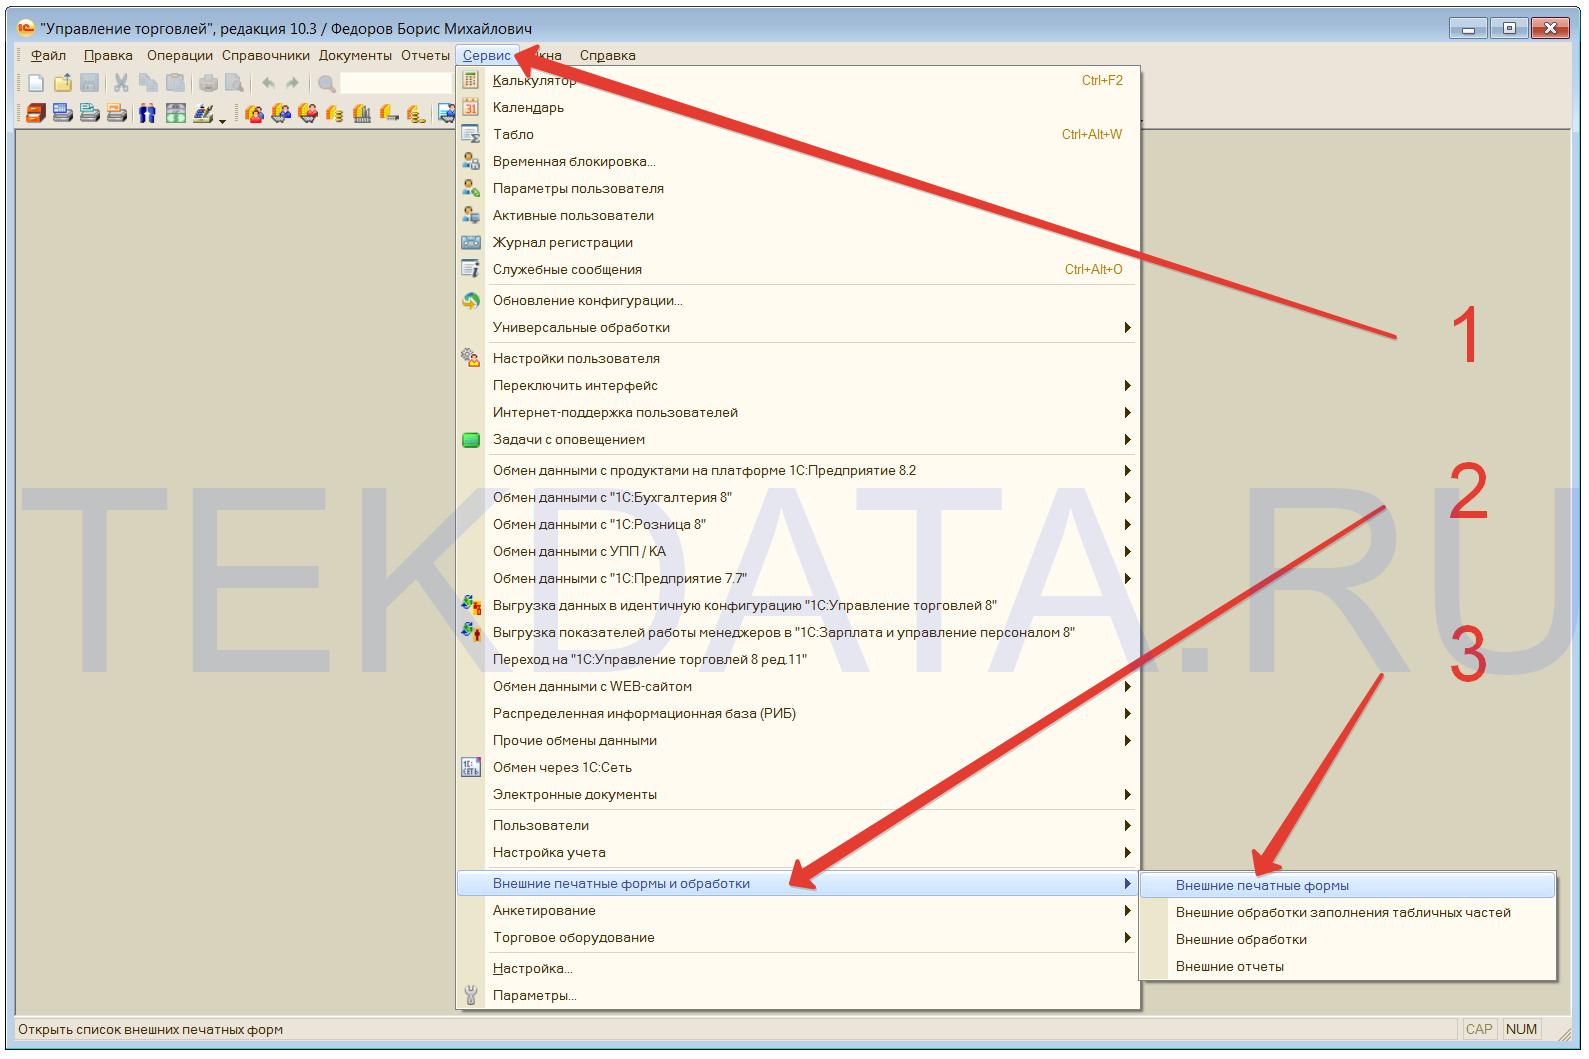 Подключение внешней печатной формы 1С 8.2 (Действия 1-2-3) | tekdata.ru